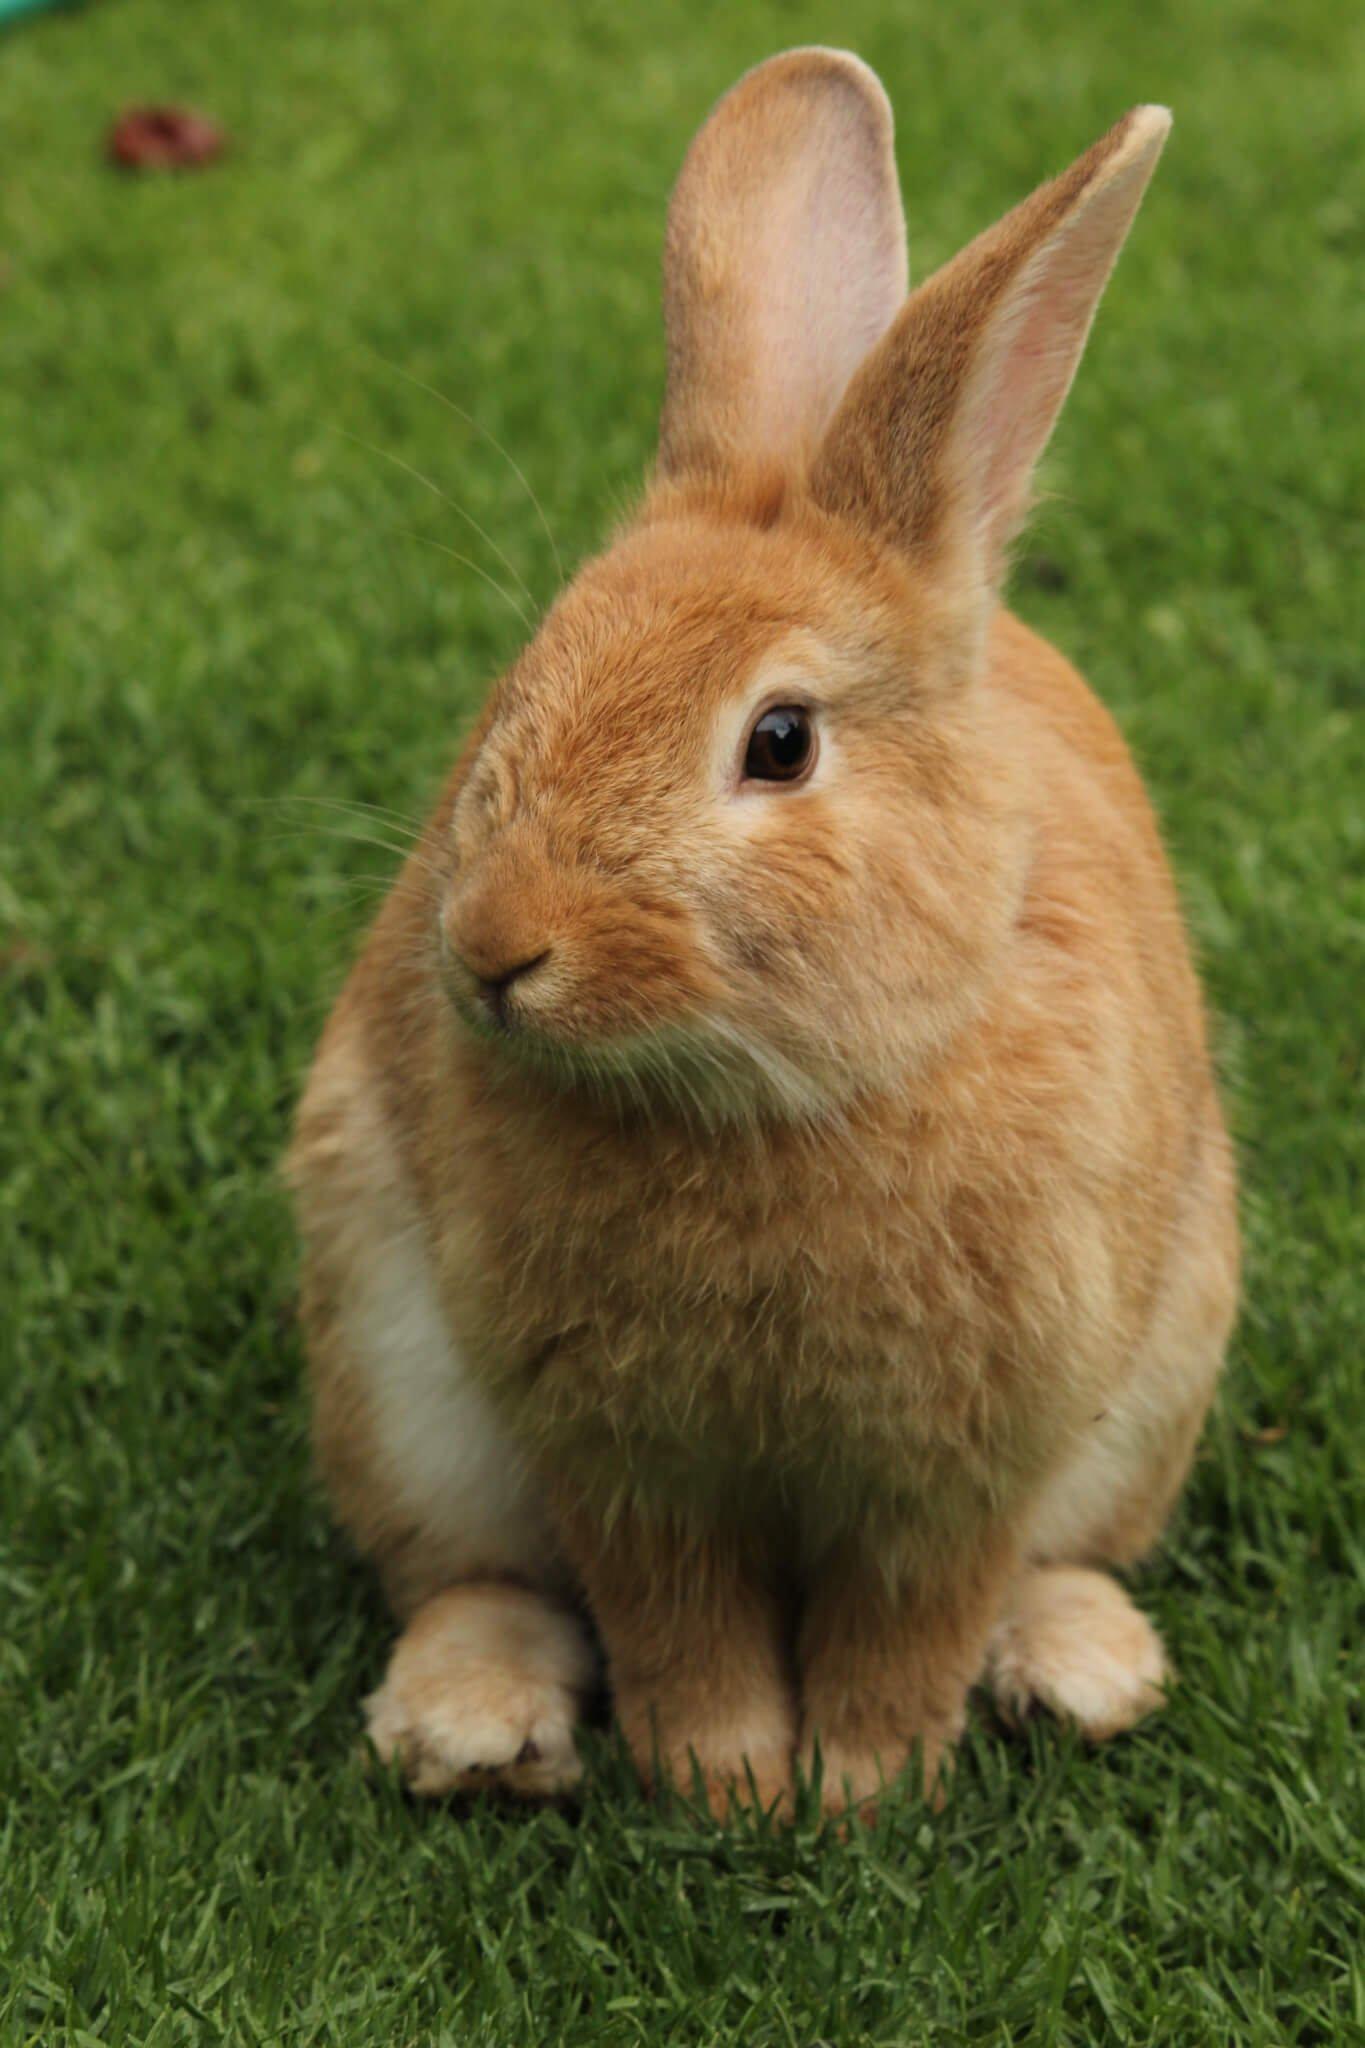 Em thỏ lông vàng xinh xắn đáng yêu